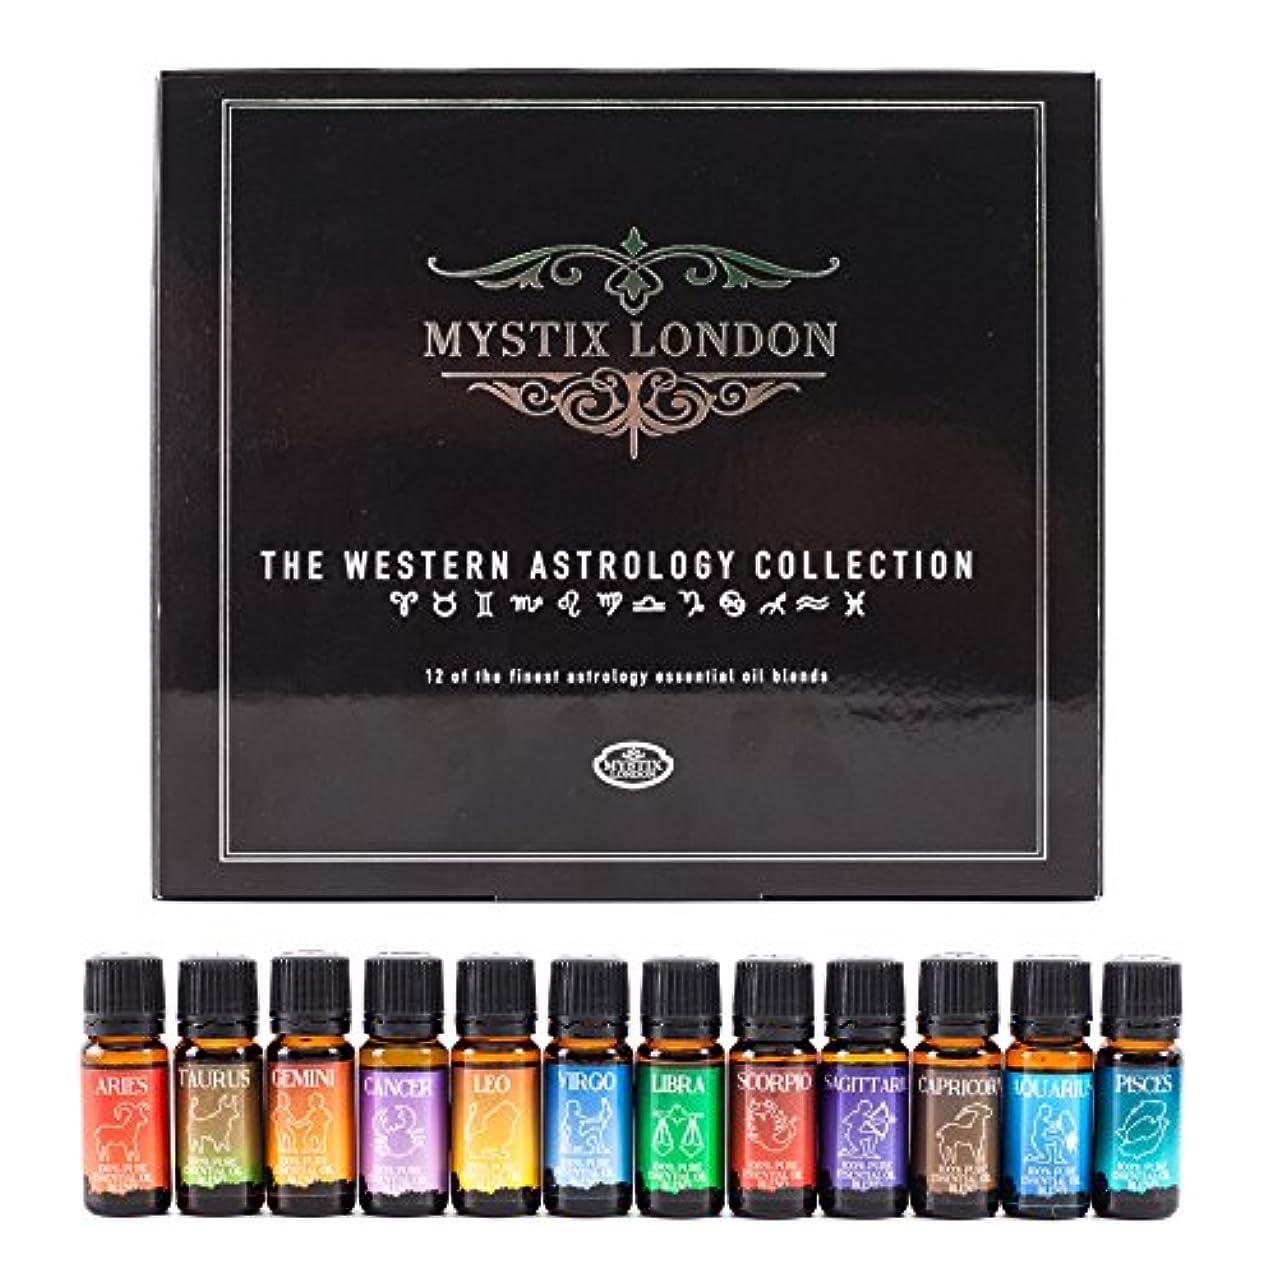 のために聴覚看板Mystix London | The Western Astrology Collection 12 x 10ml 100% Pure Essential Oil Blends